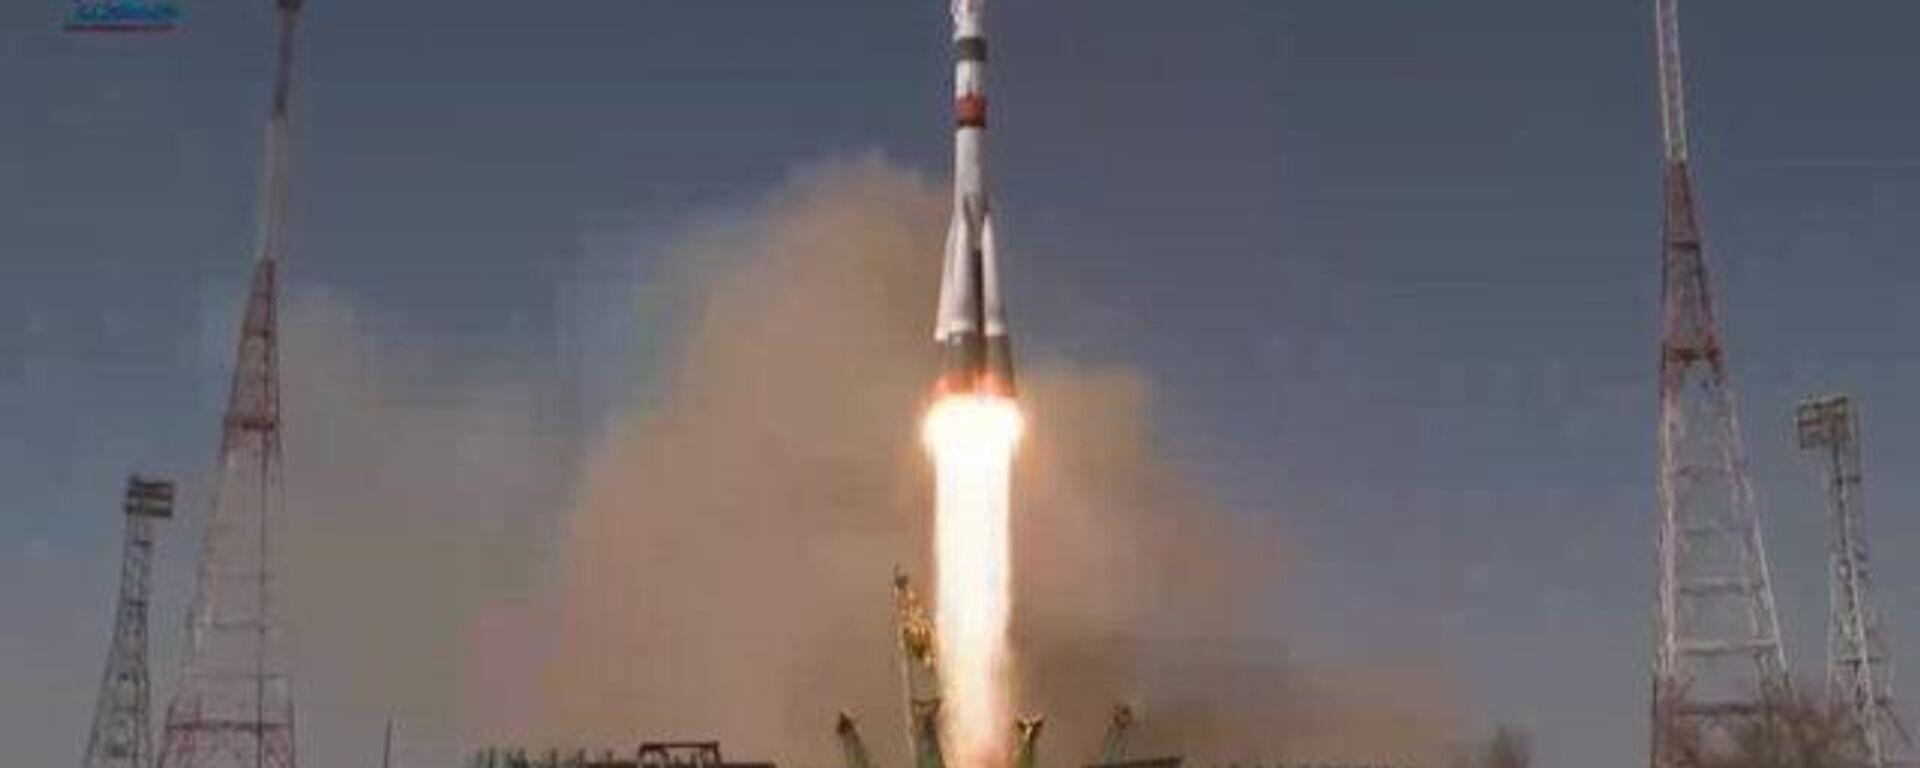 Запуск космического корабля Ю. А. Гагарин с космодрома Байконур - Sputnik Ўзбекистон, 1920, 09.04.2021